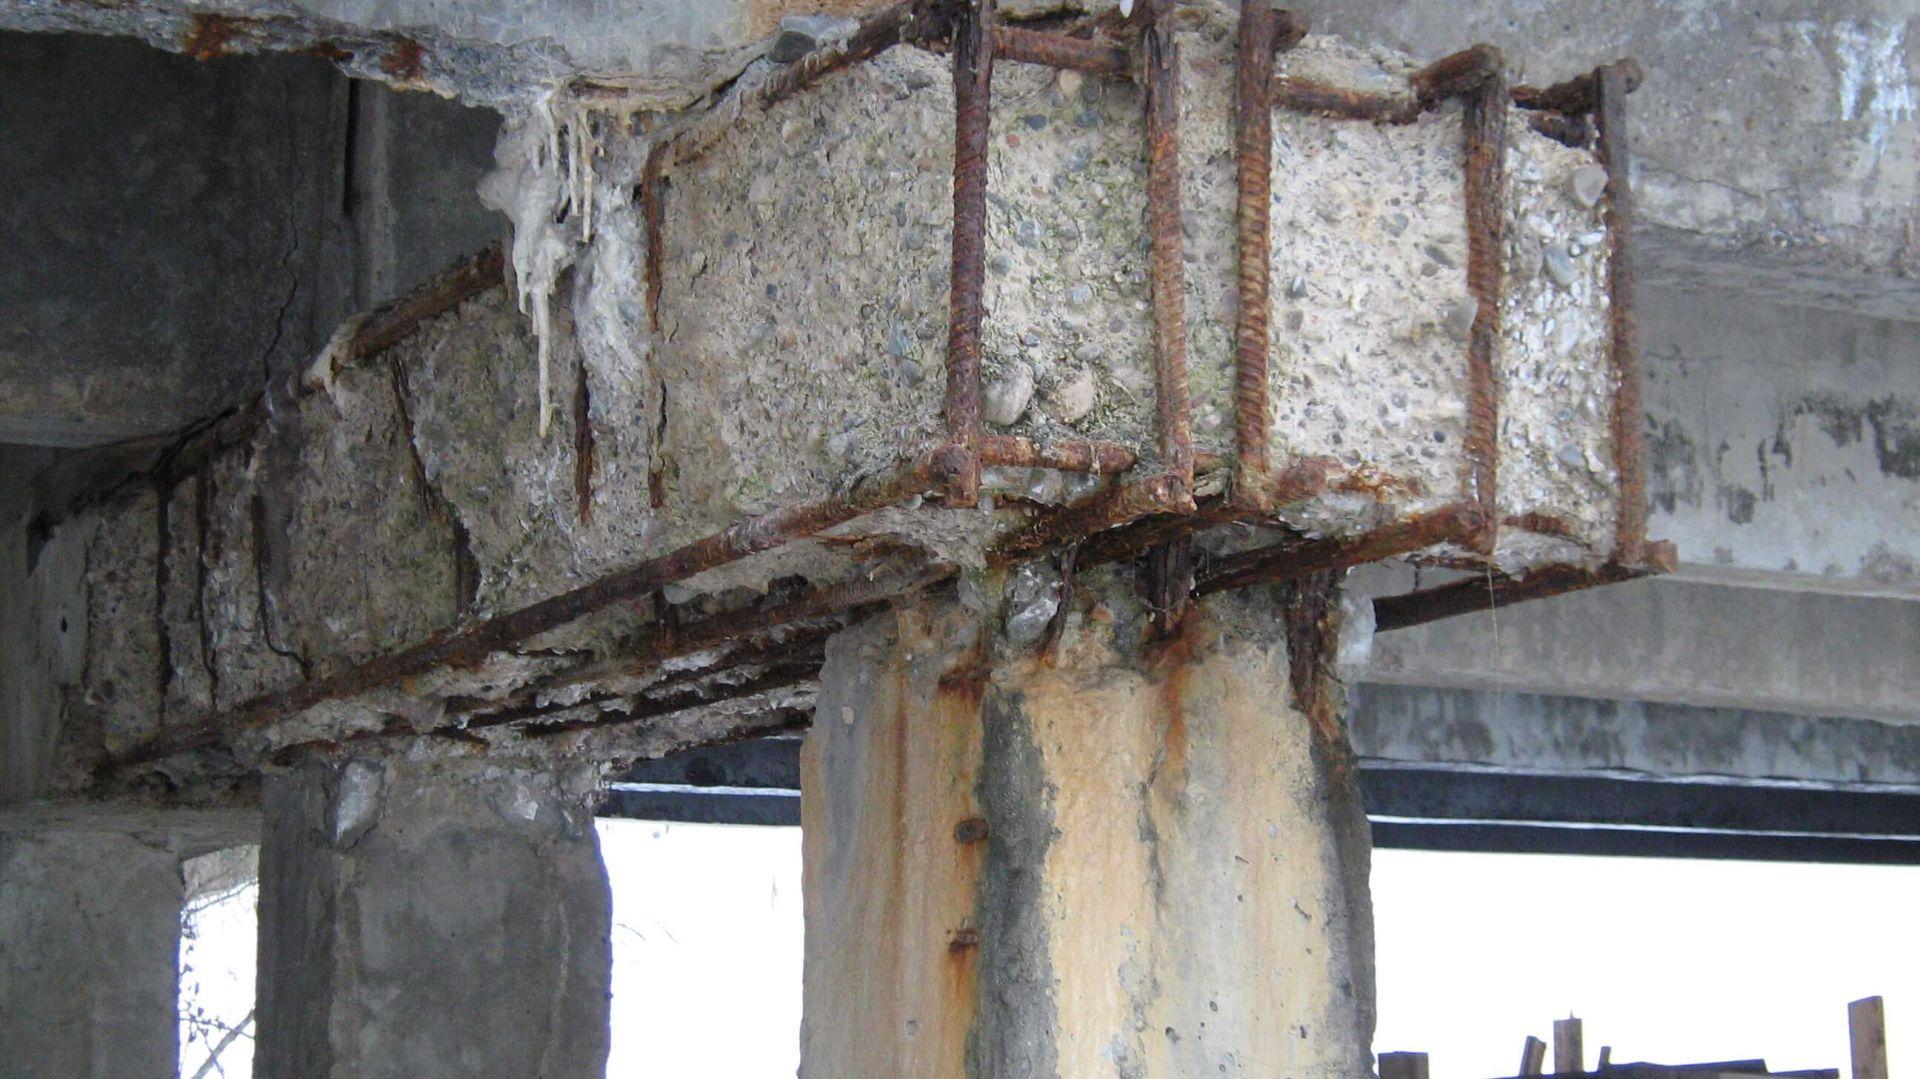 В Кирове выявили многочисленные нарушения при эксплуатации мостовых сооружений.